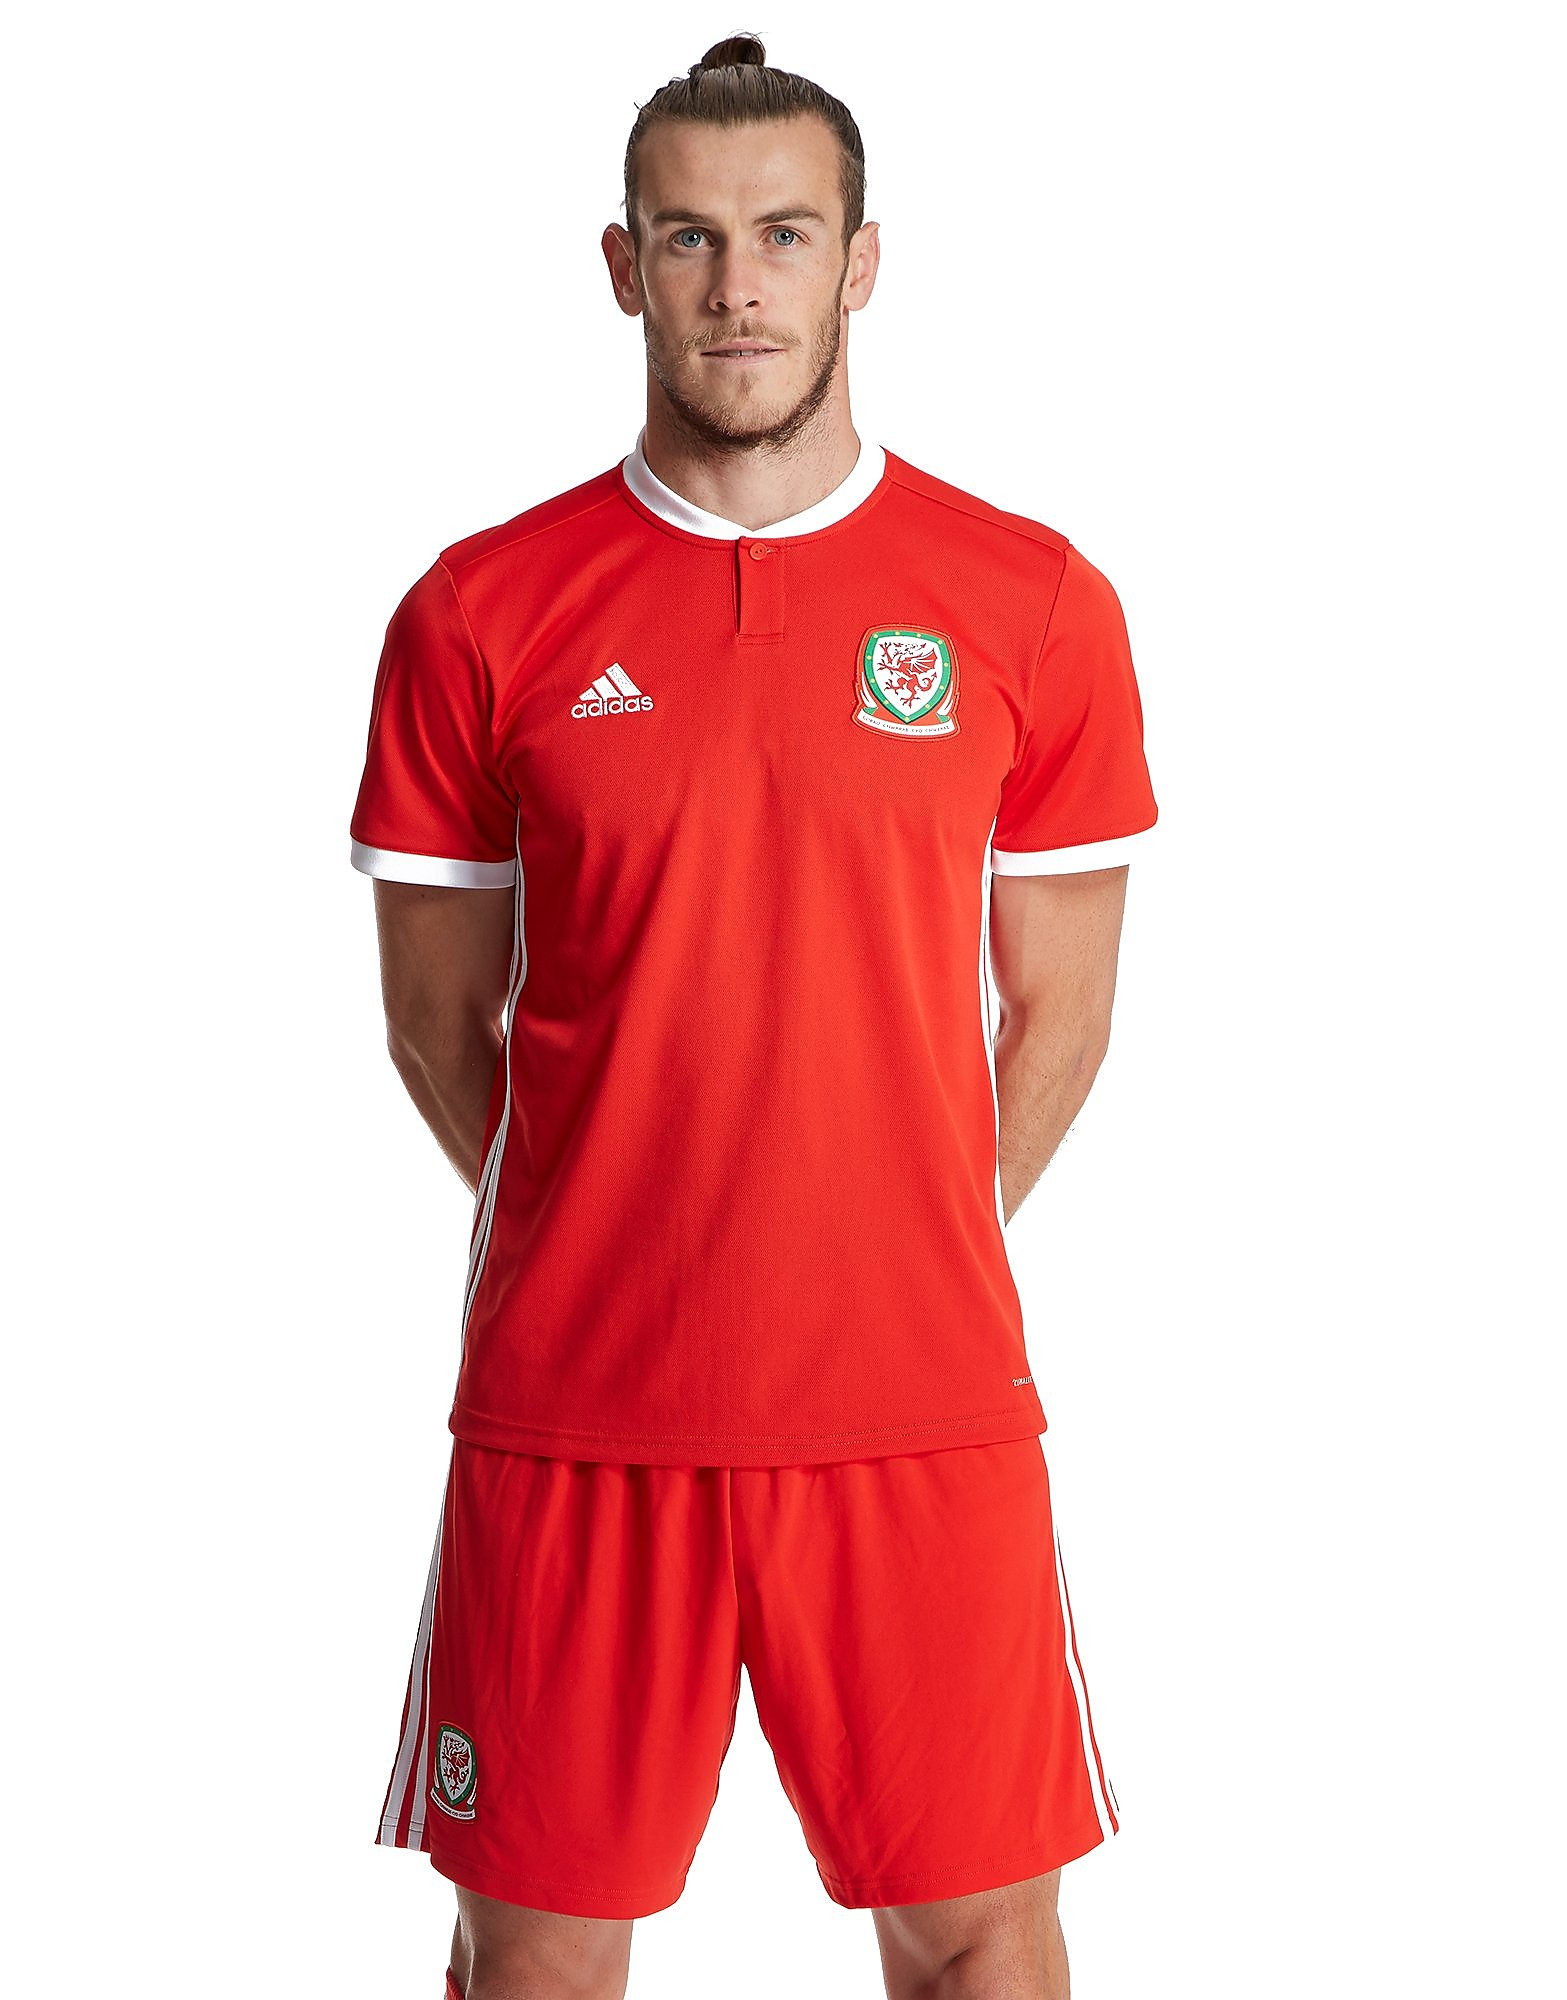 adidas Wales 2017/18 Home Shirt